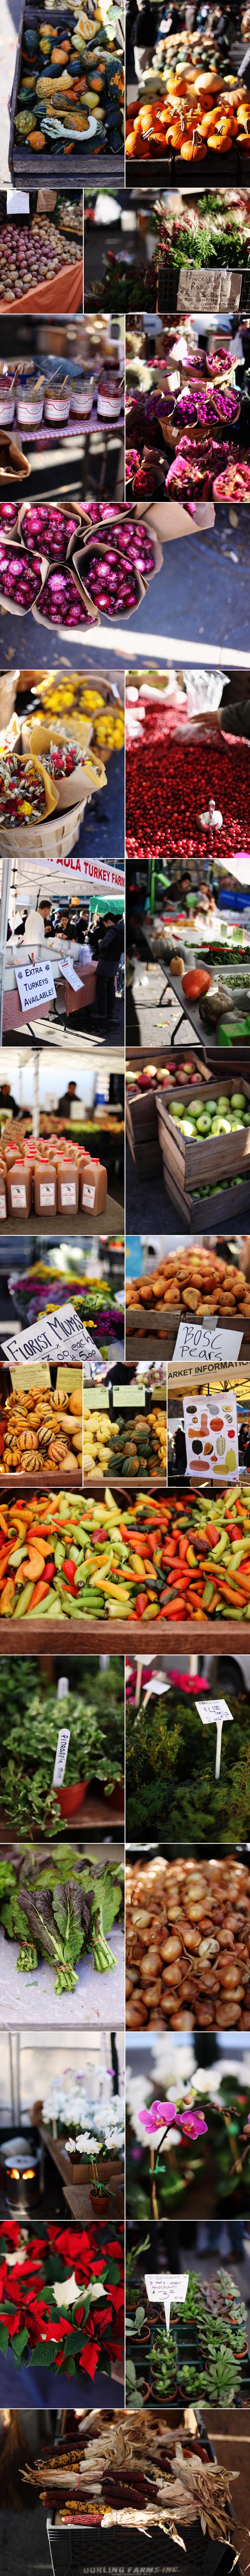 autumngreenmarket.jpg